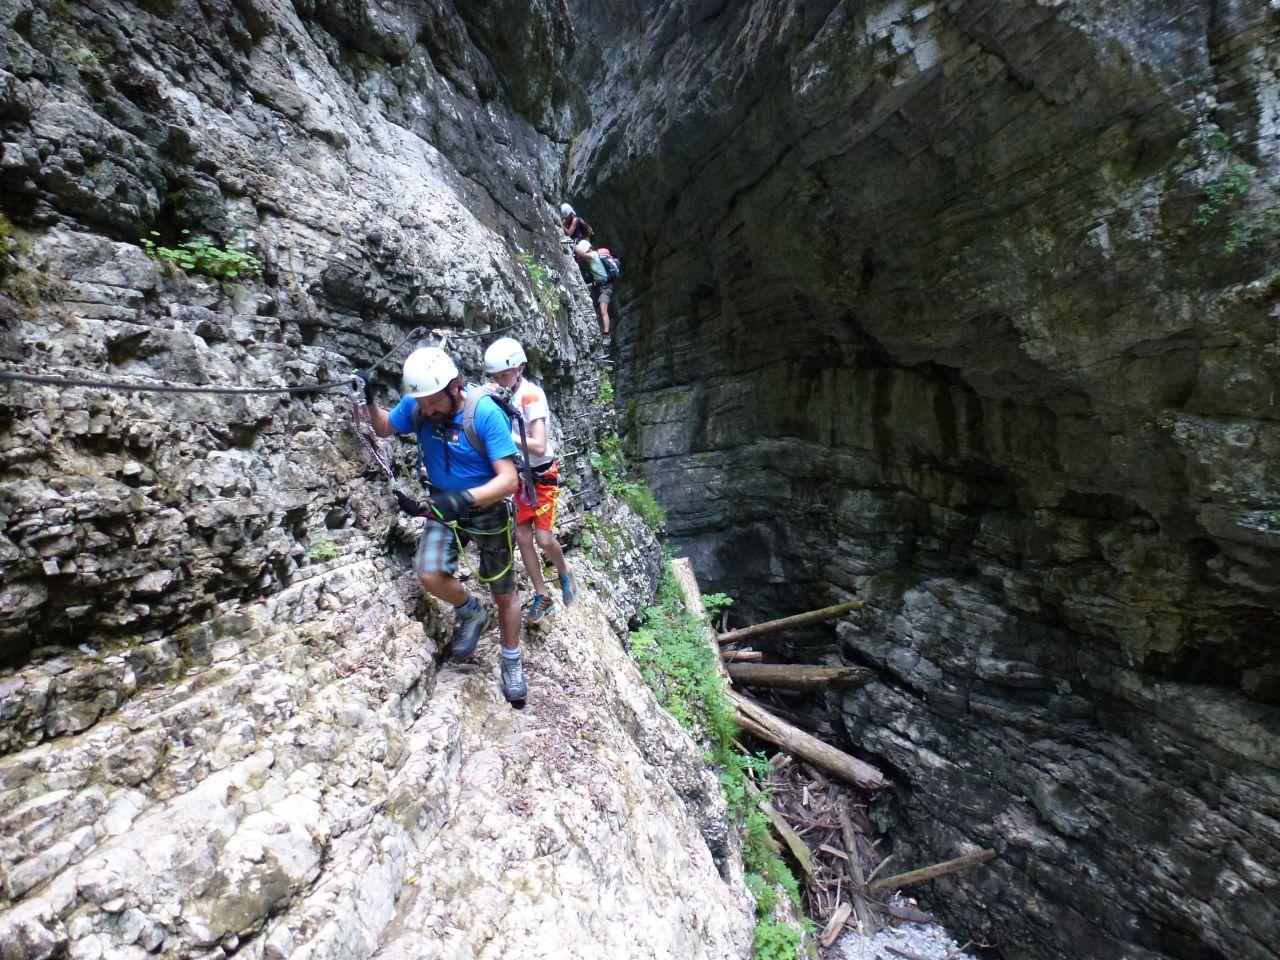 Klettersteig Postalm : Sätze die du auf klettersteigen nicht mehr hören möchtest